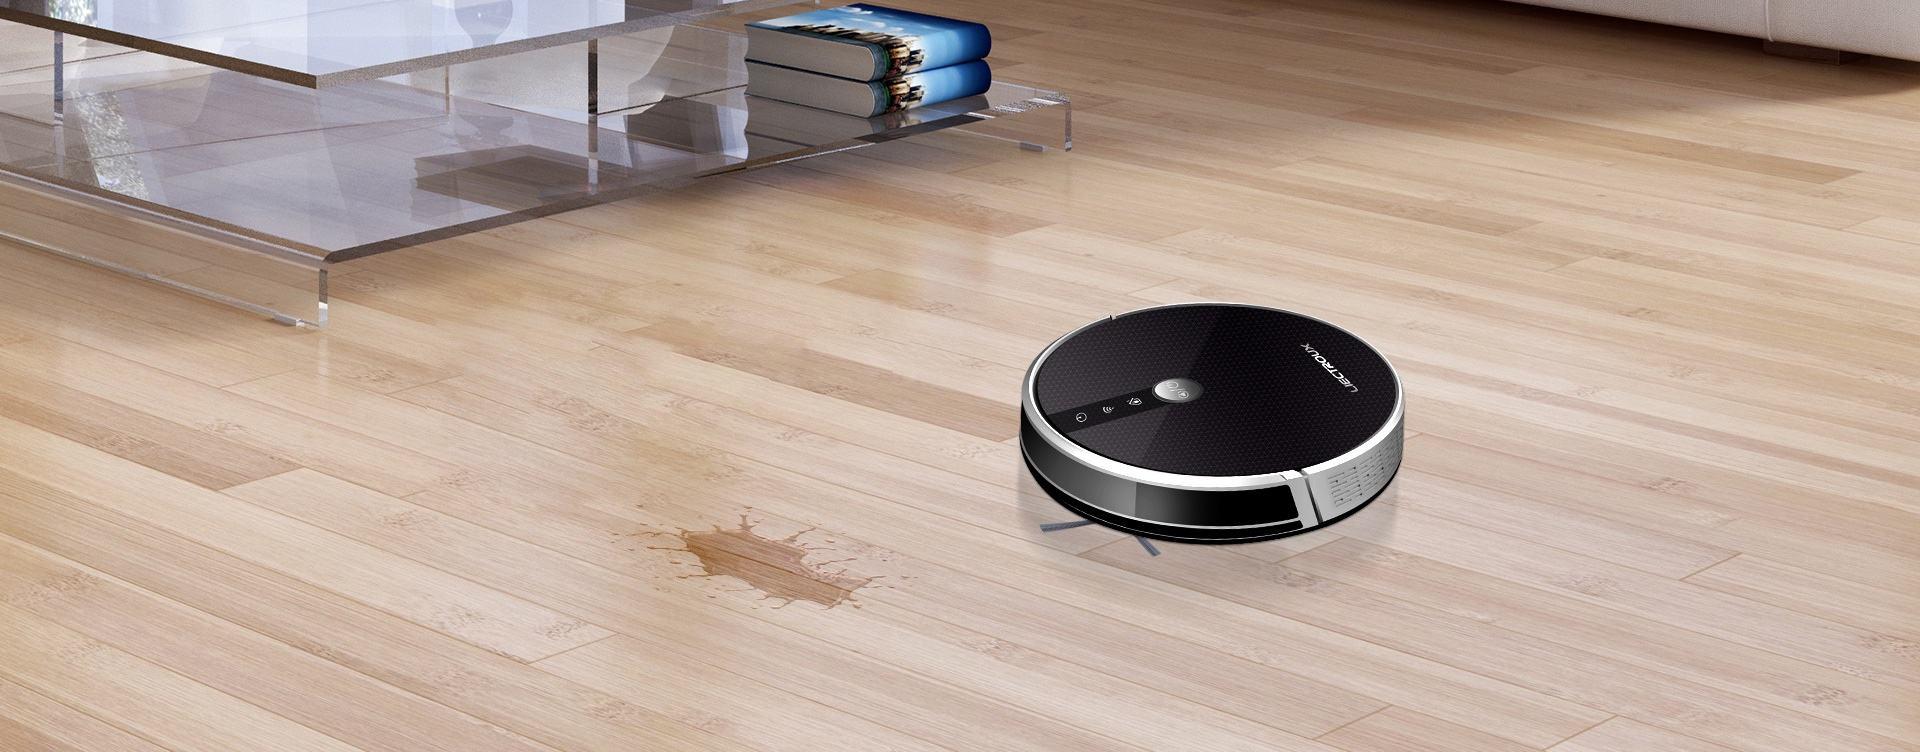 Robot hút bụi thông minh có ích như thế nào? - DIGIHOUSE